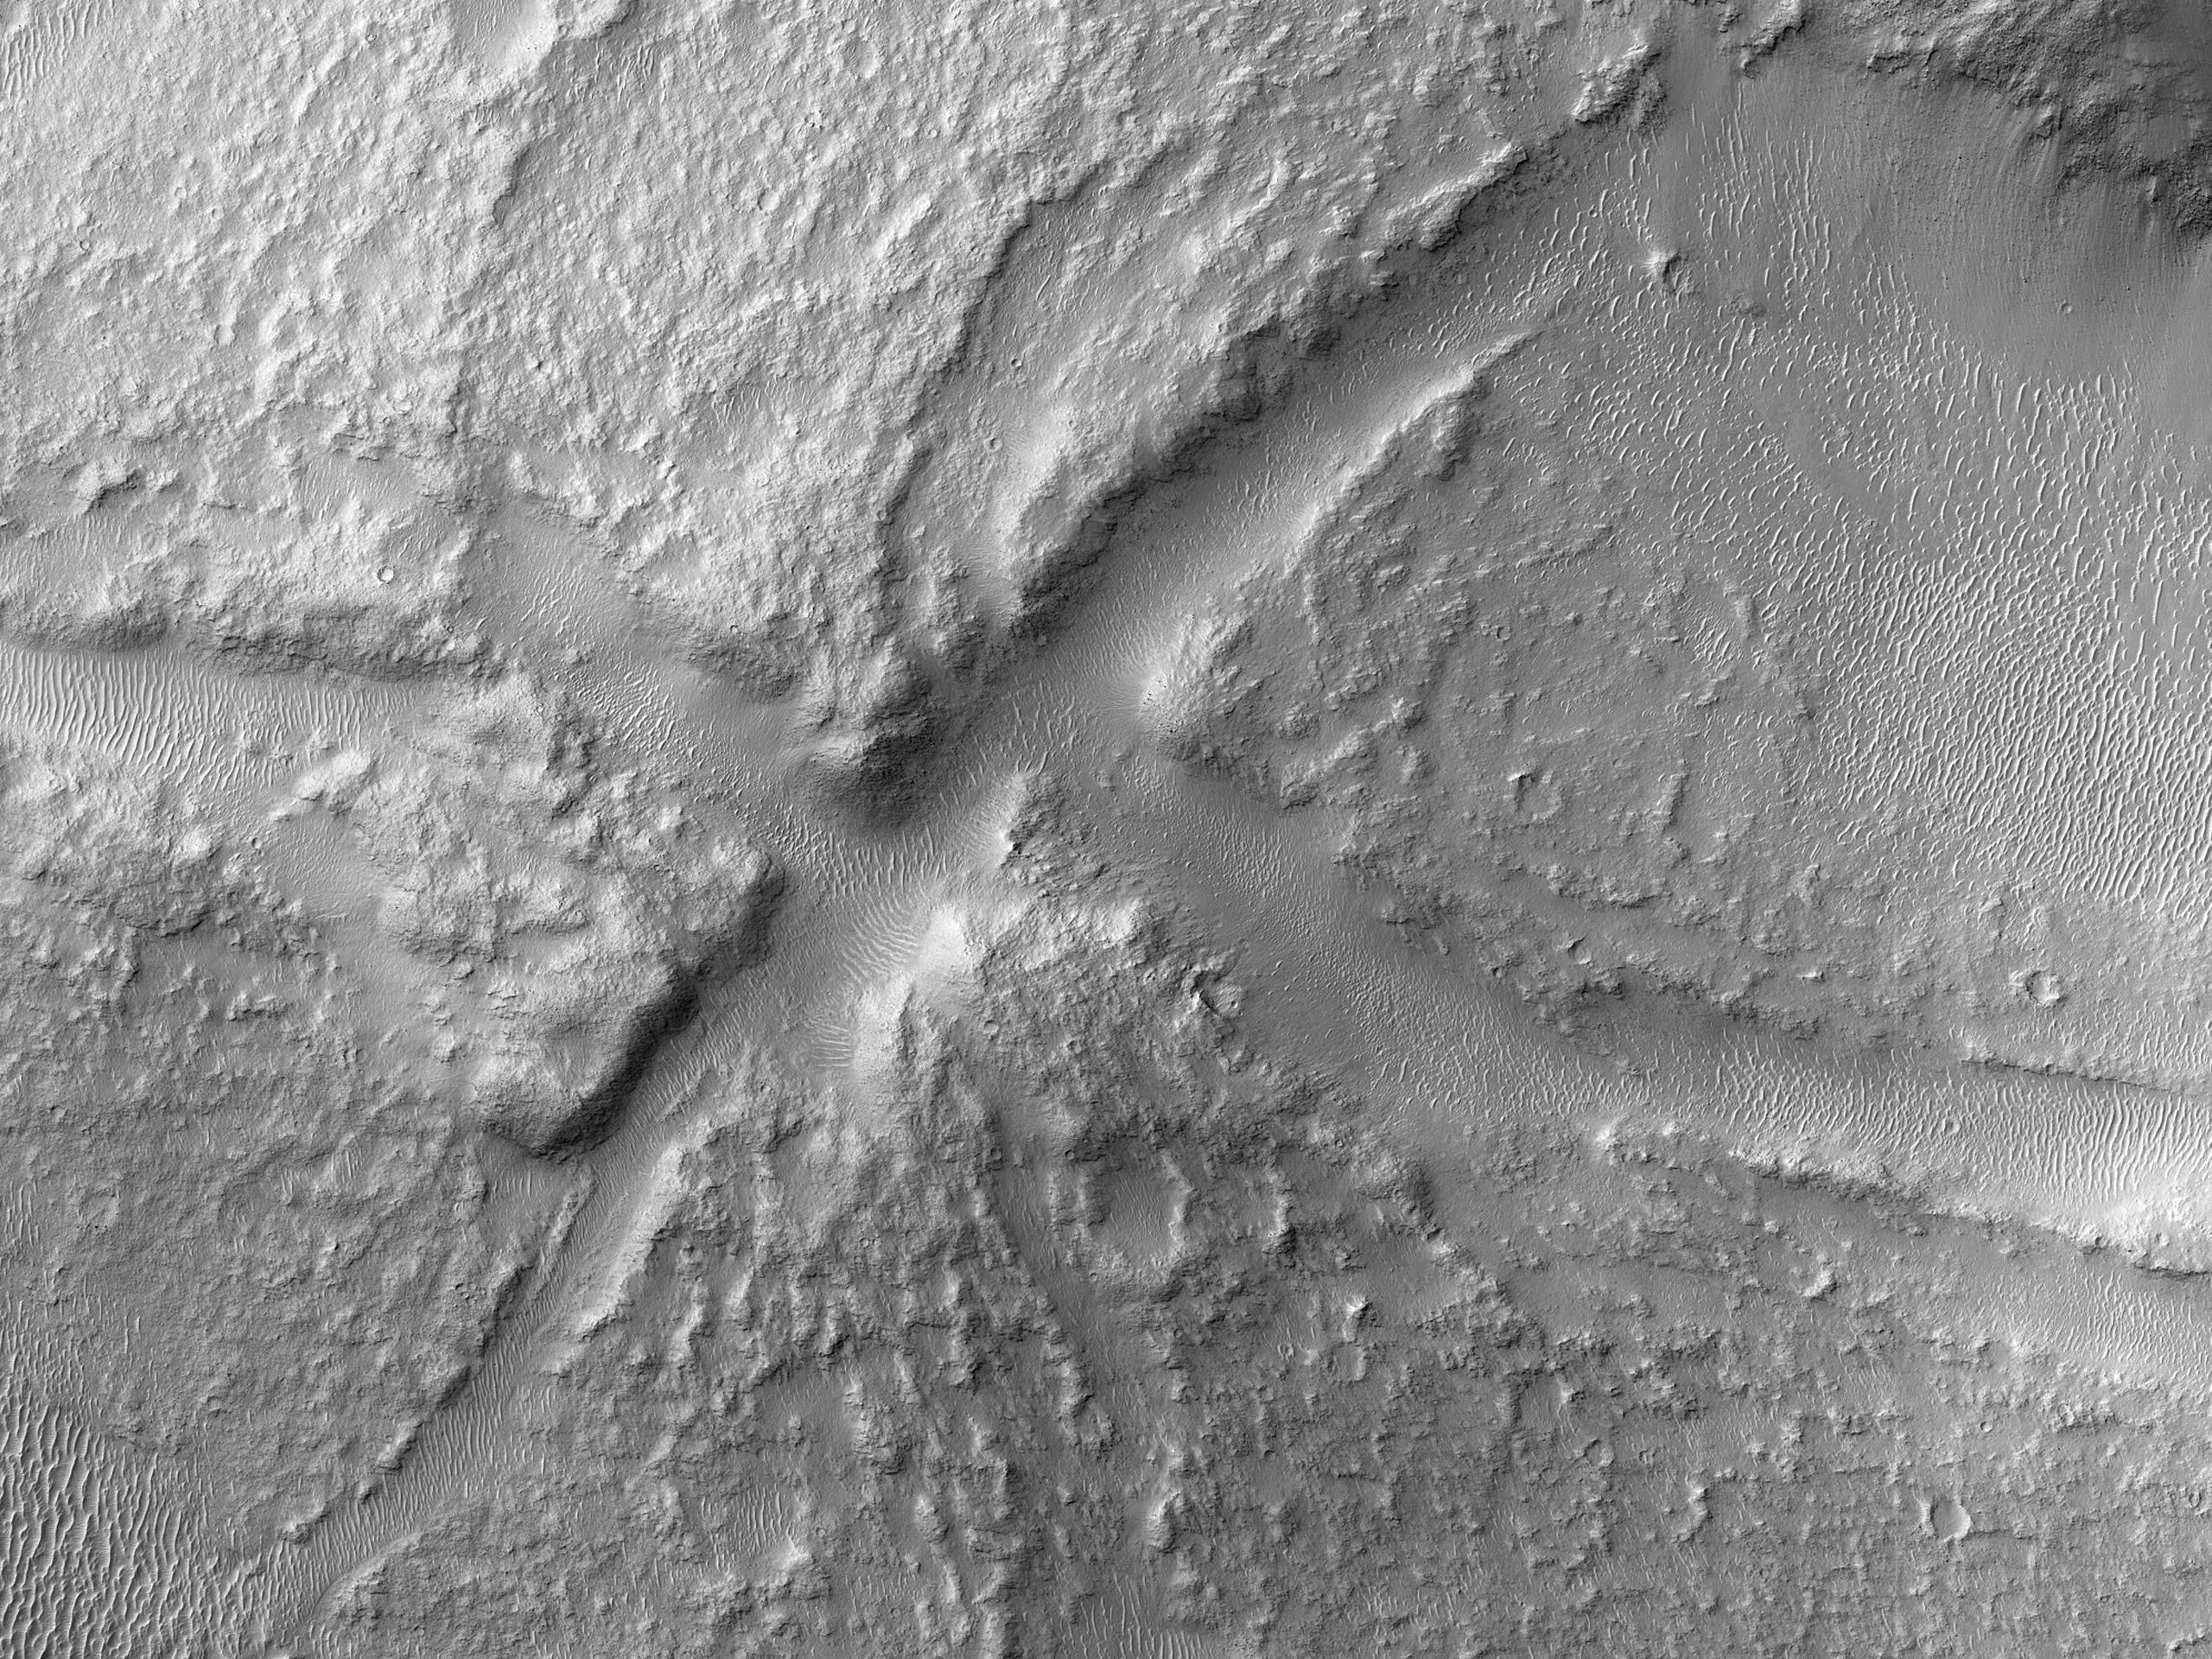 Дно кратера с трещинами